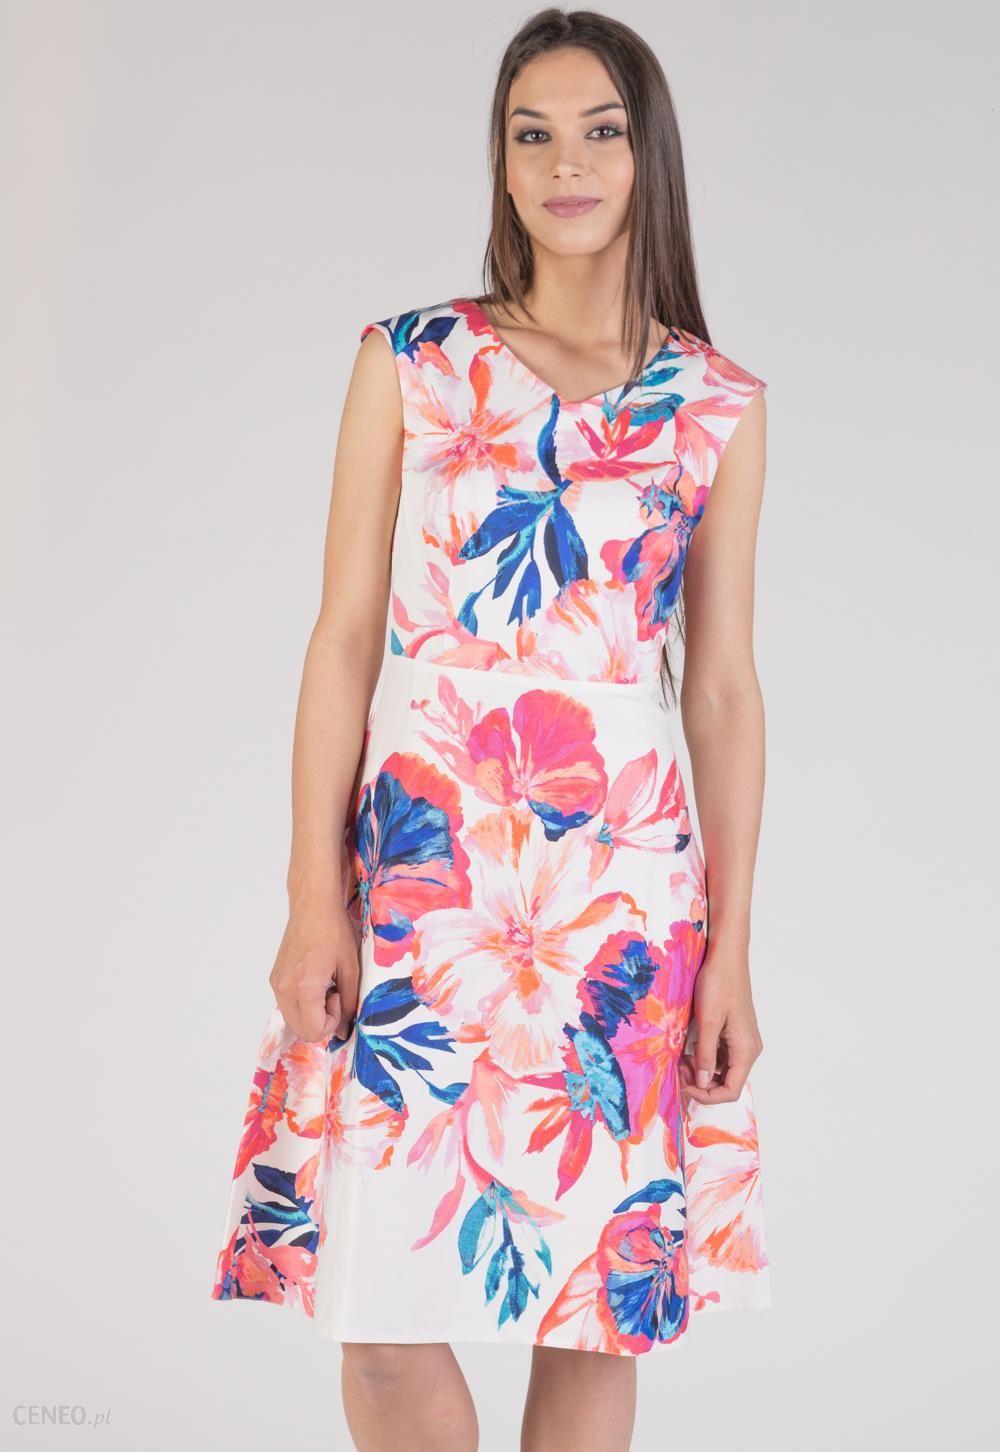 cbf692ef48 Rozkloszowana sukienka w duże kwiaty - Ceny i opinie - Ceneo.pl